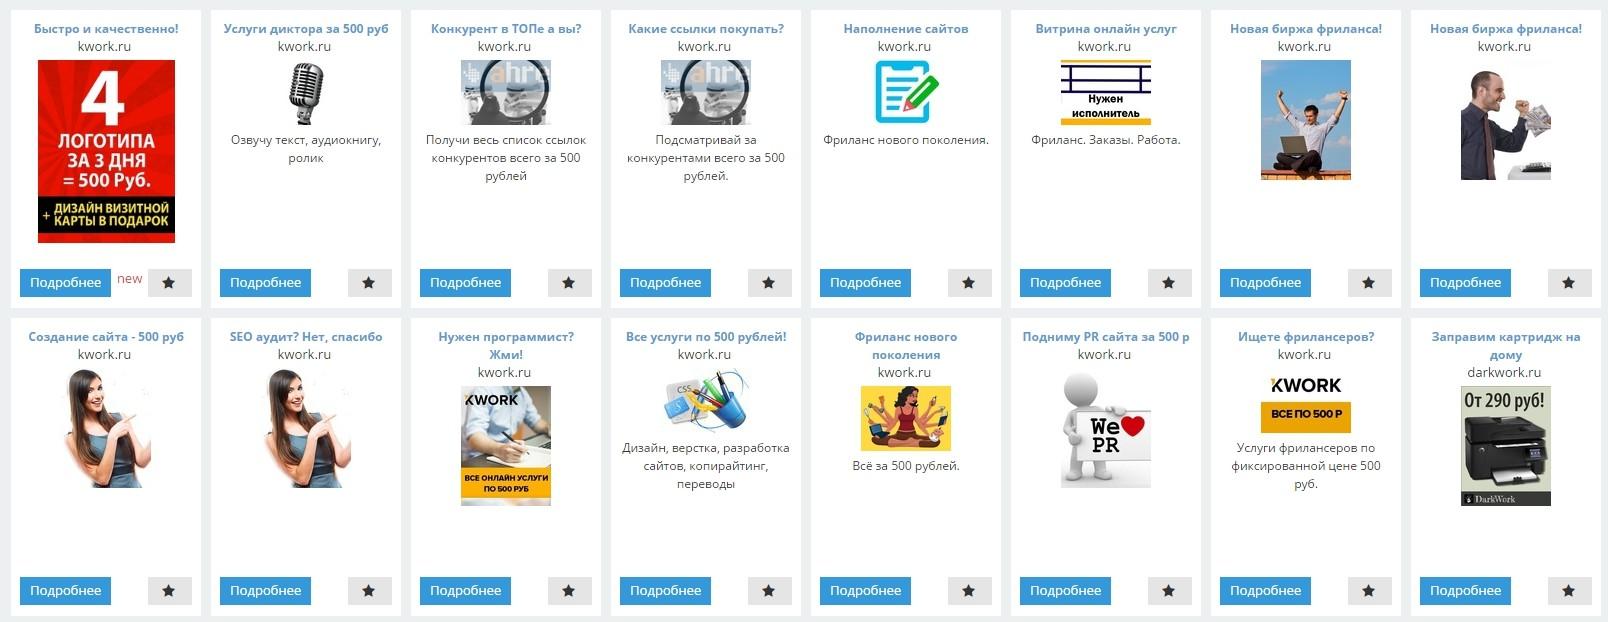 продающие фишки конкурентов 5bucks.ru